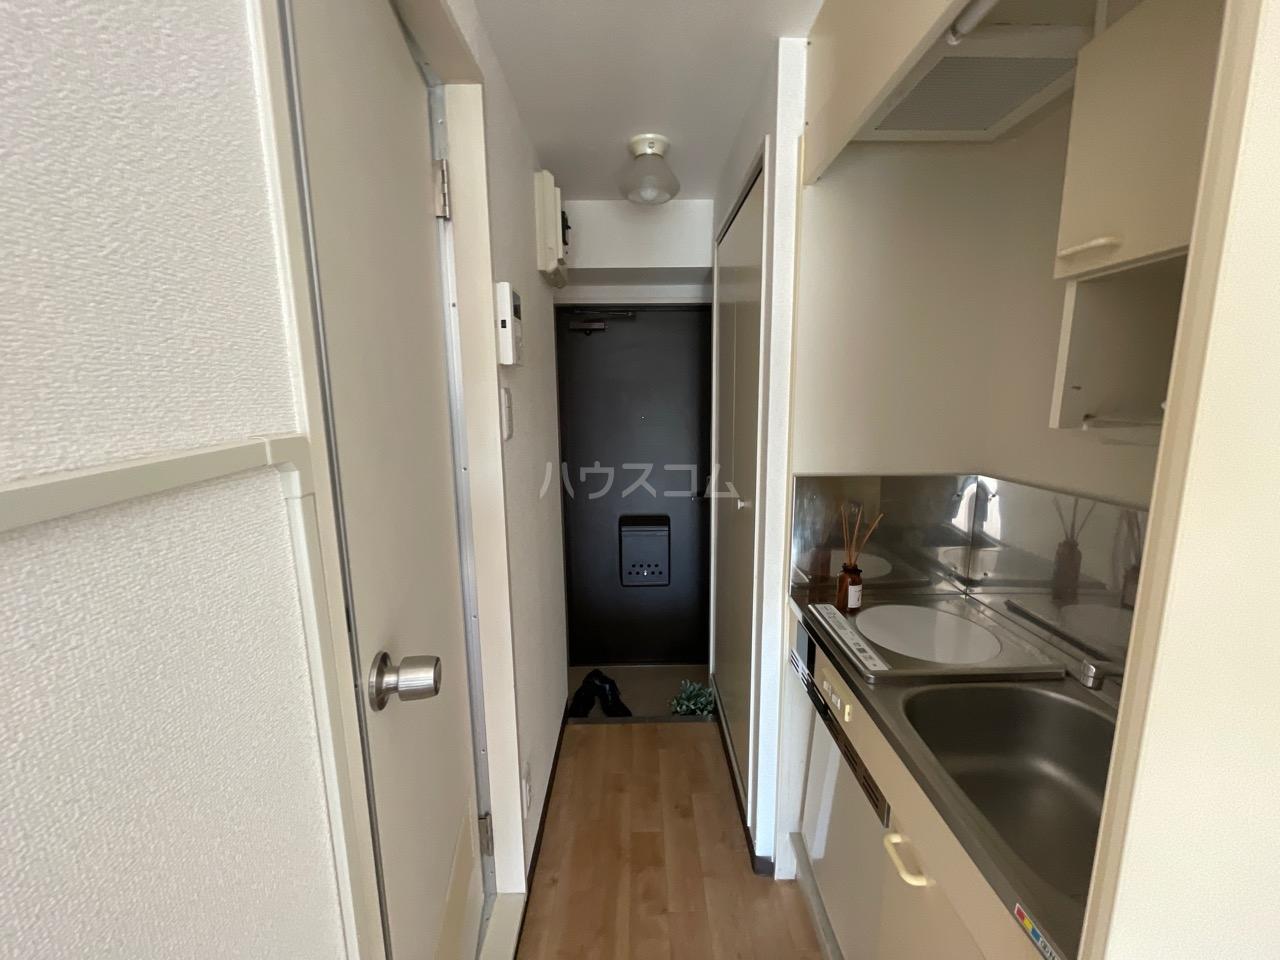 オセアン新沢ビル 209号室のキッチン